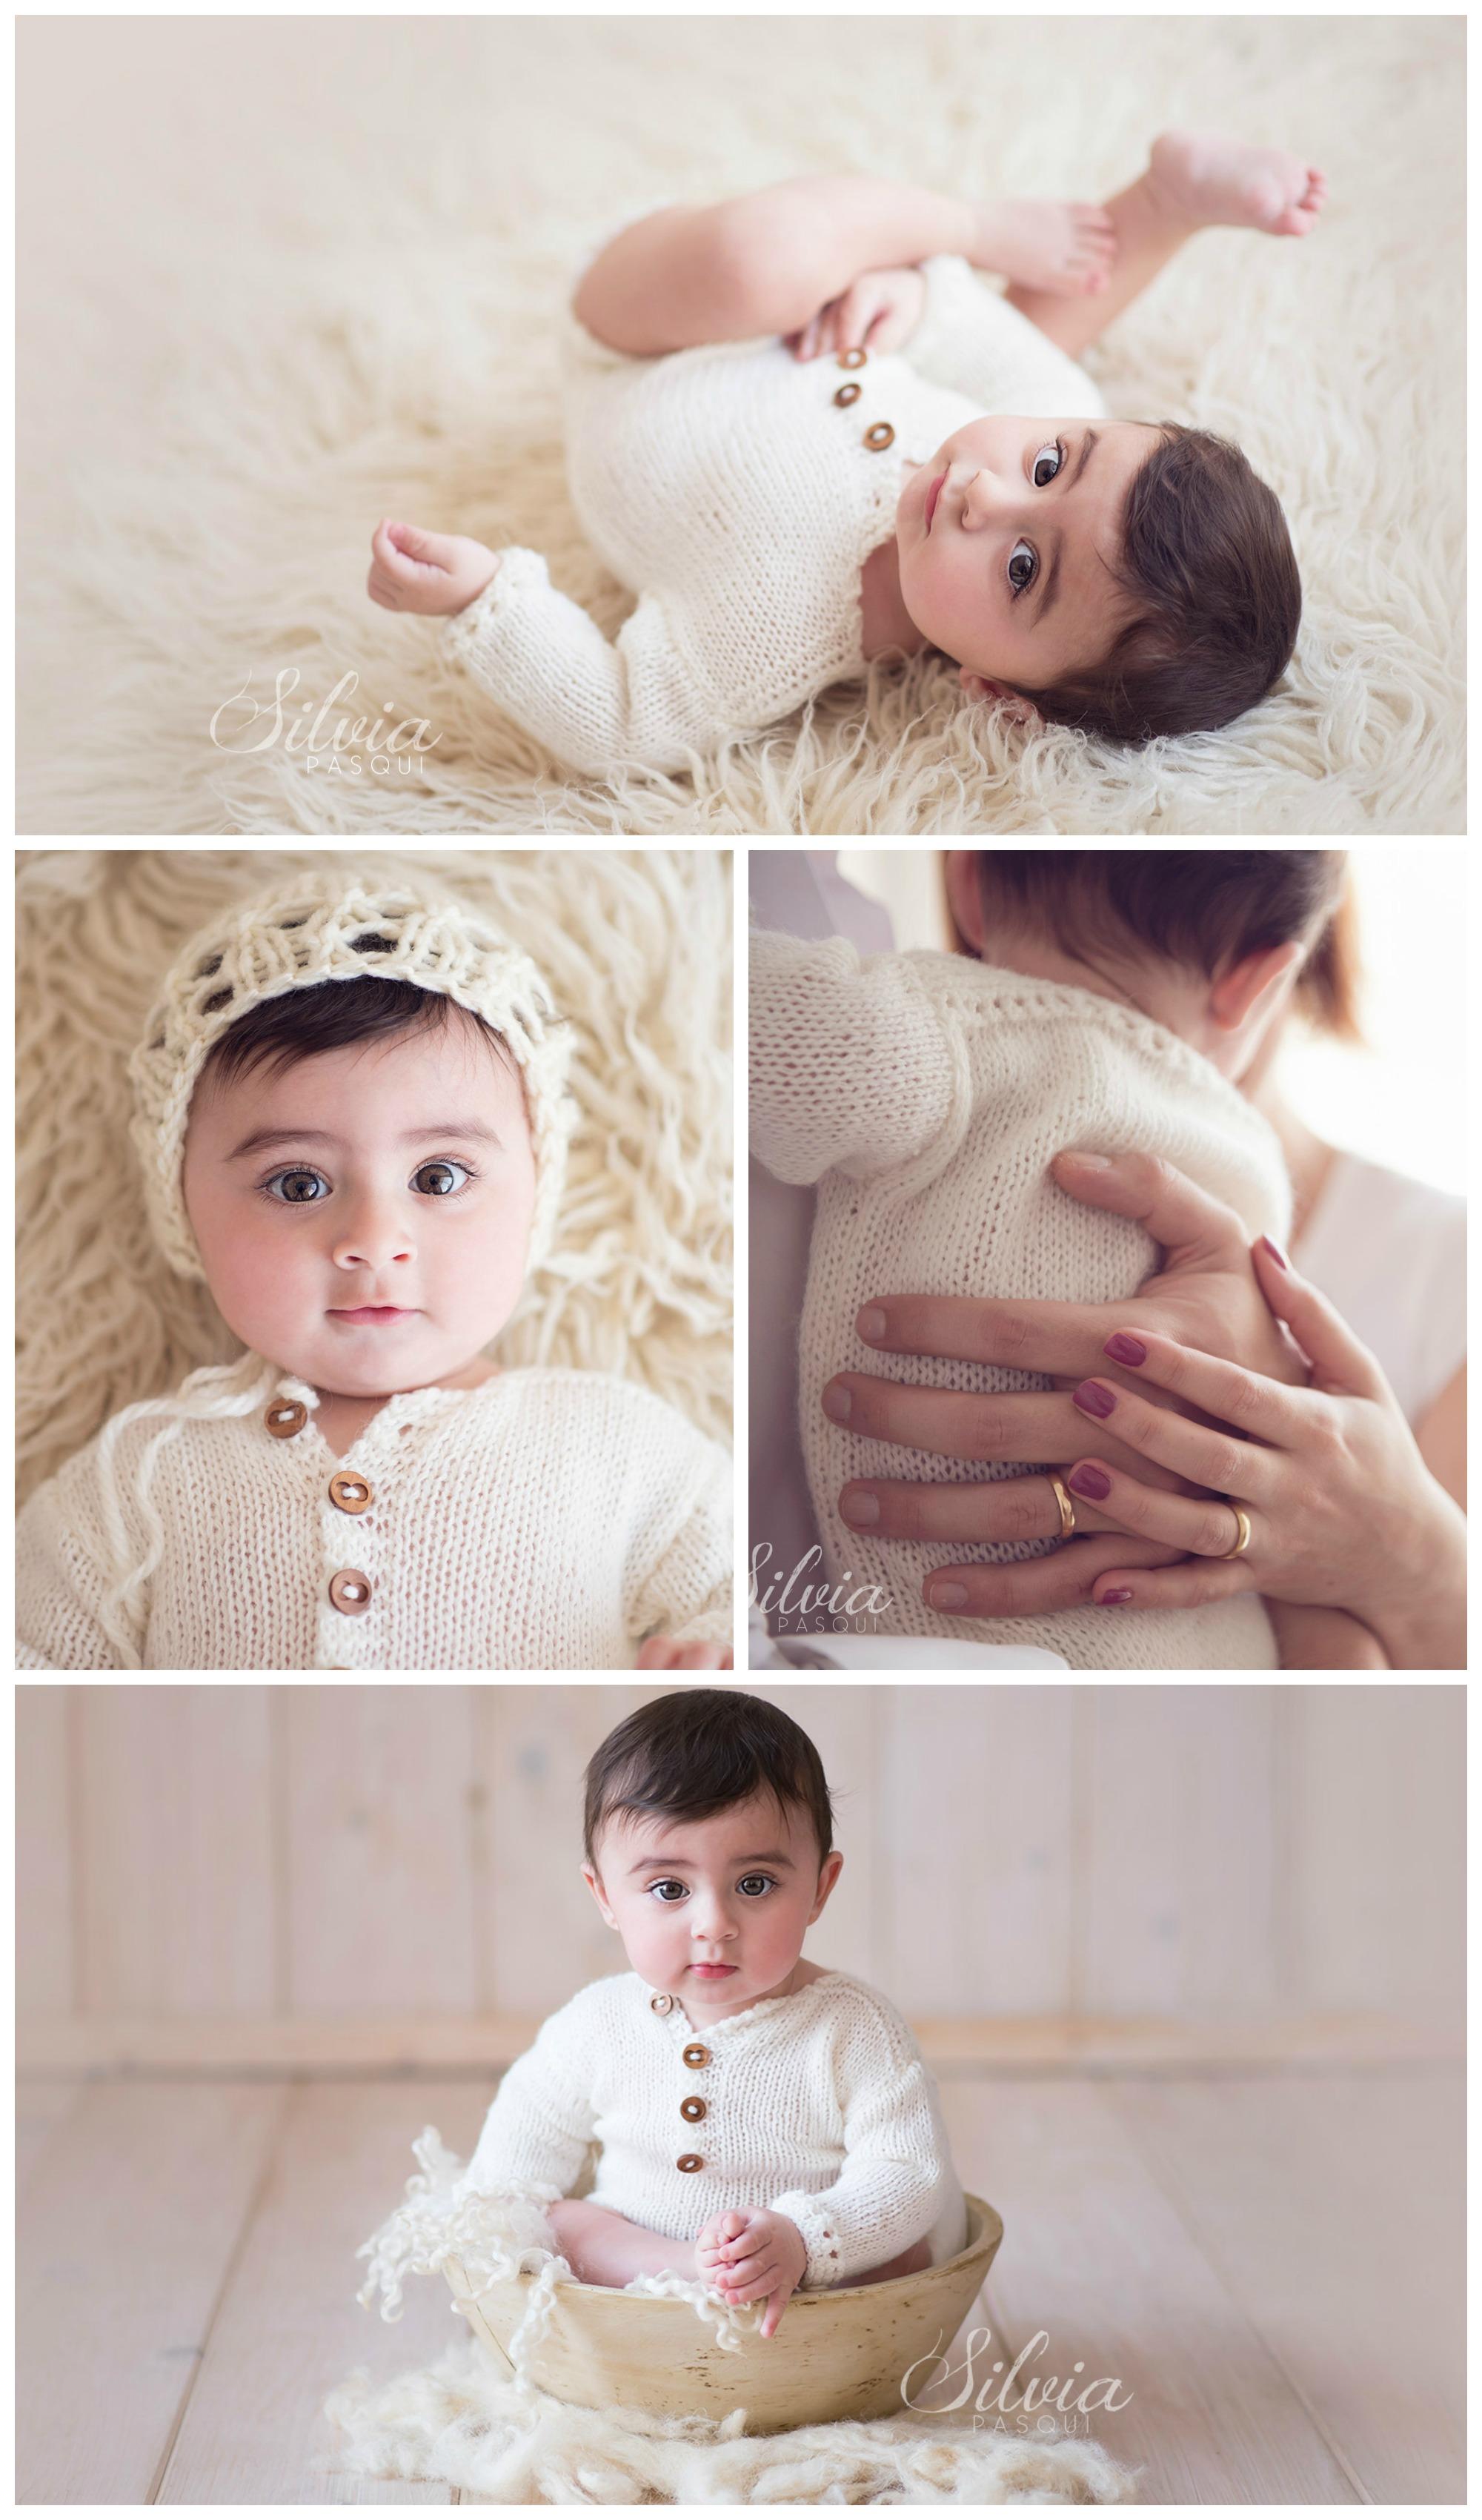 foto artistiche bambini roma fla